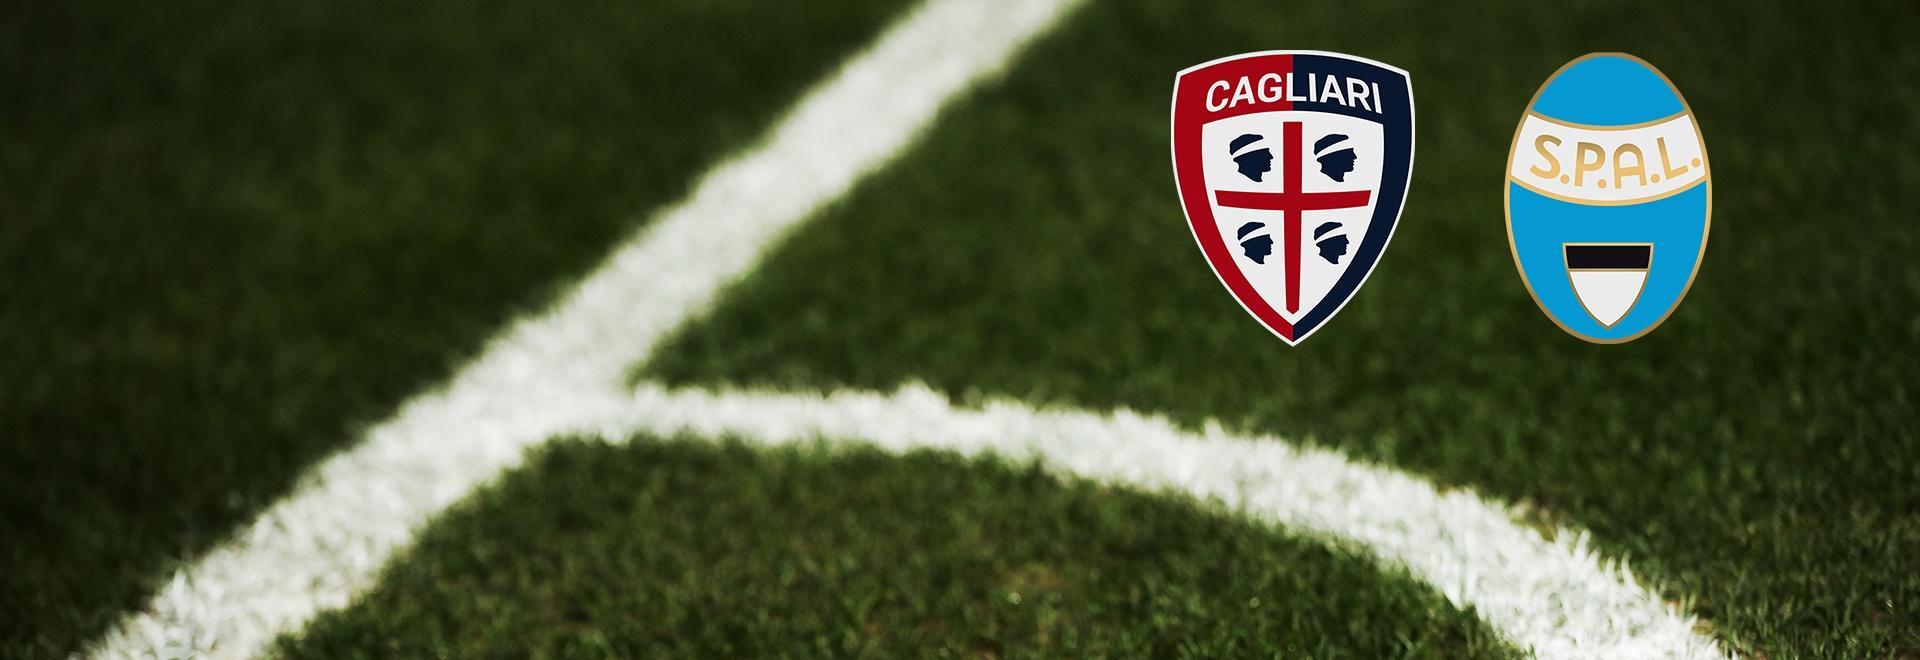 Cagliari - Spal. 8a g.